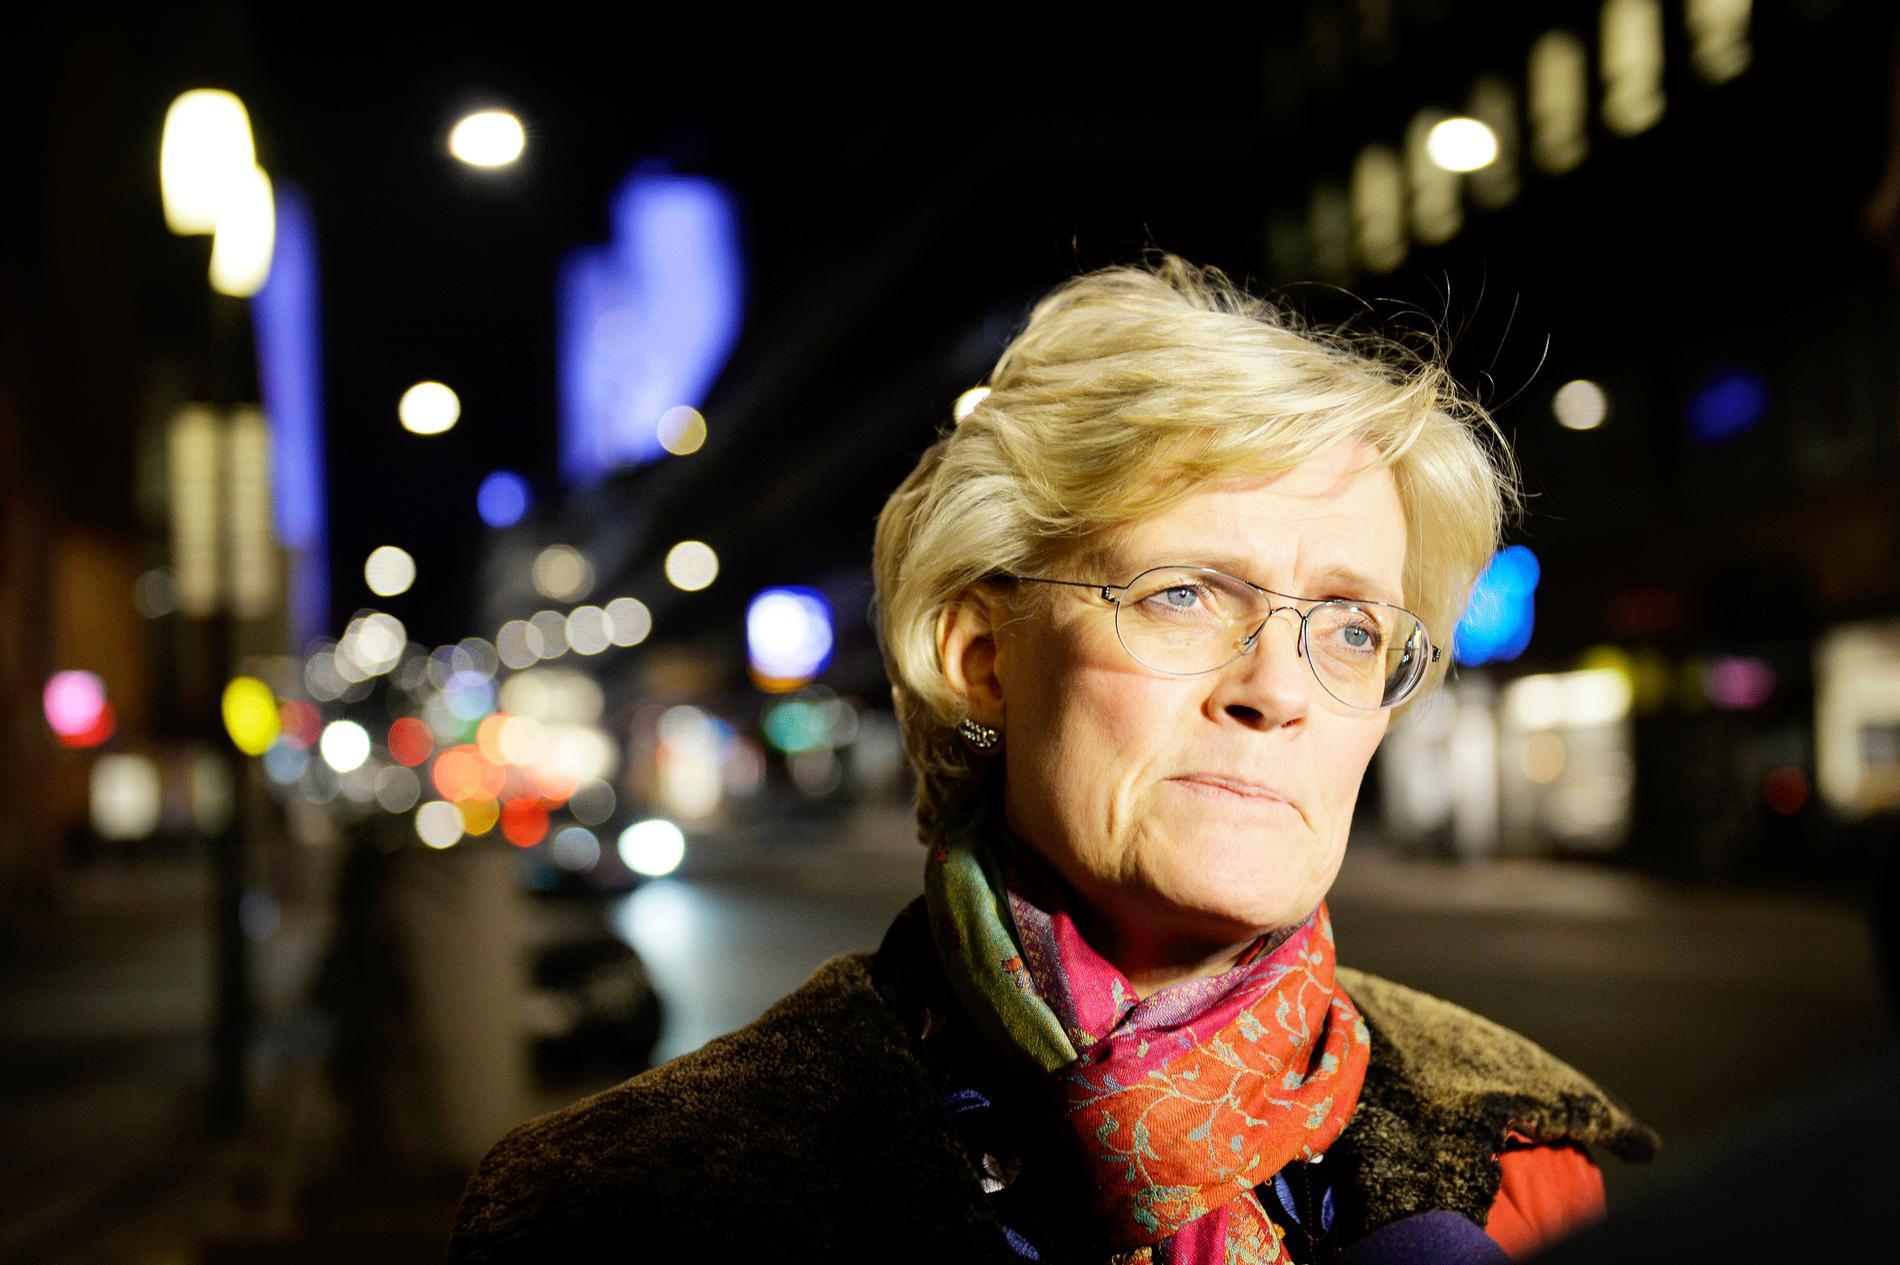 Om Svenskt Näringslivs Carola Lemne vill bekämpa fattigdomen finns det bättre förslag än sänkta löner.